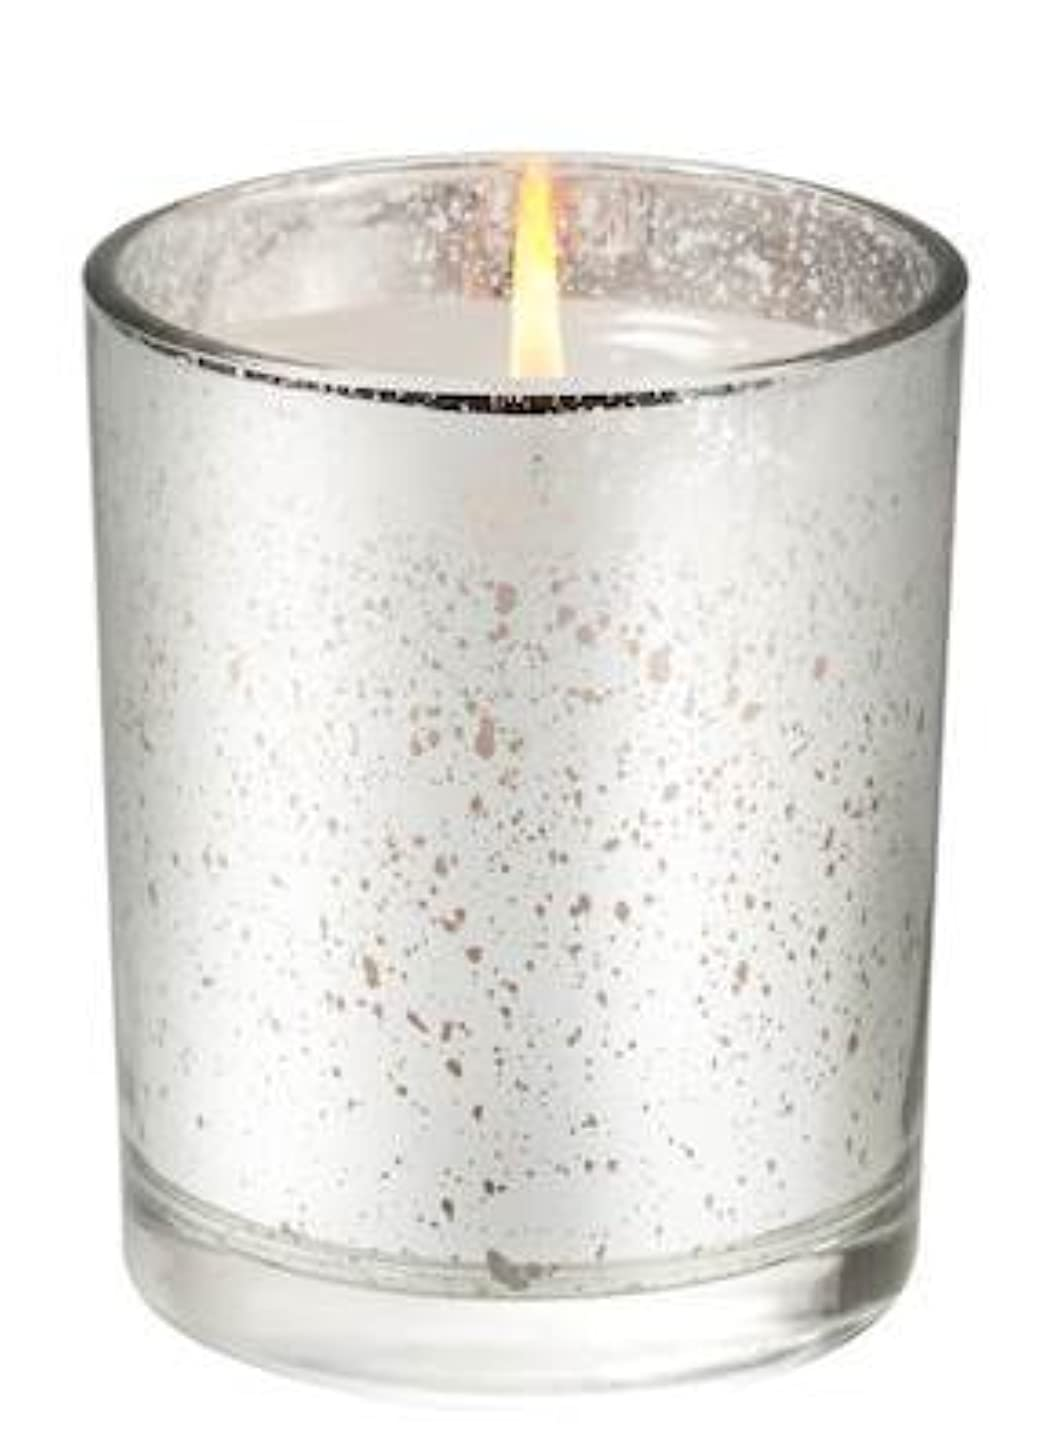 衛星ブラウス防腐剤Smell of Spring 370ml (354g) Metallic Candle